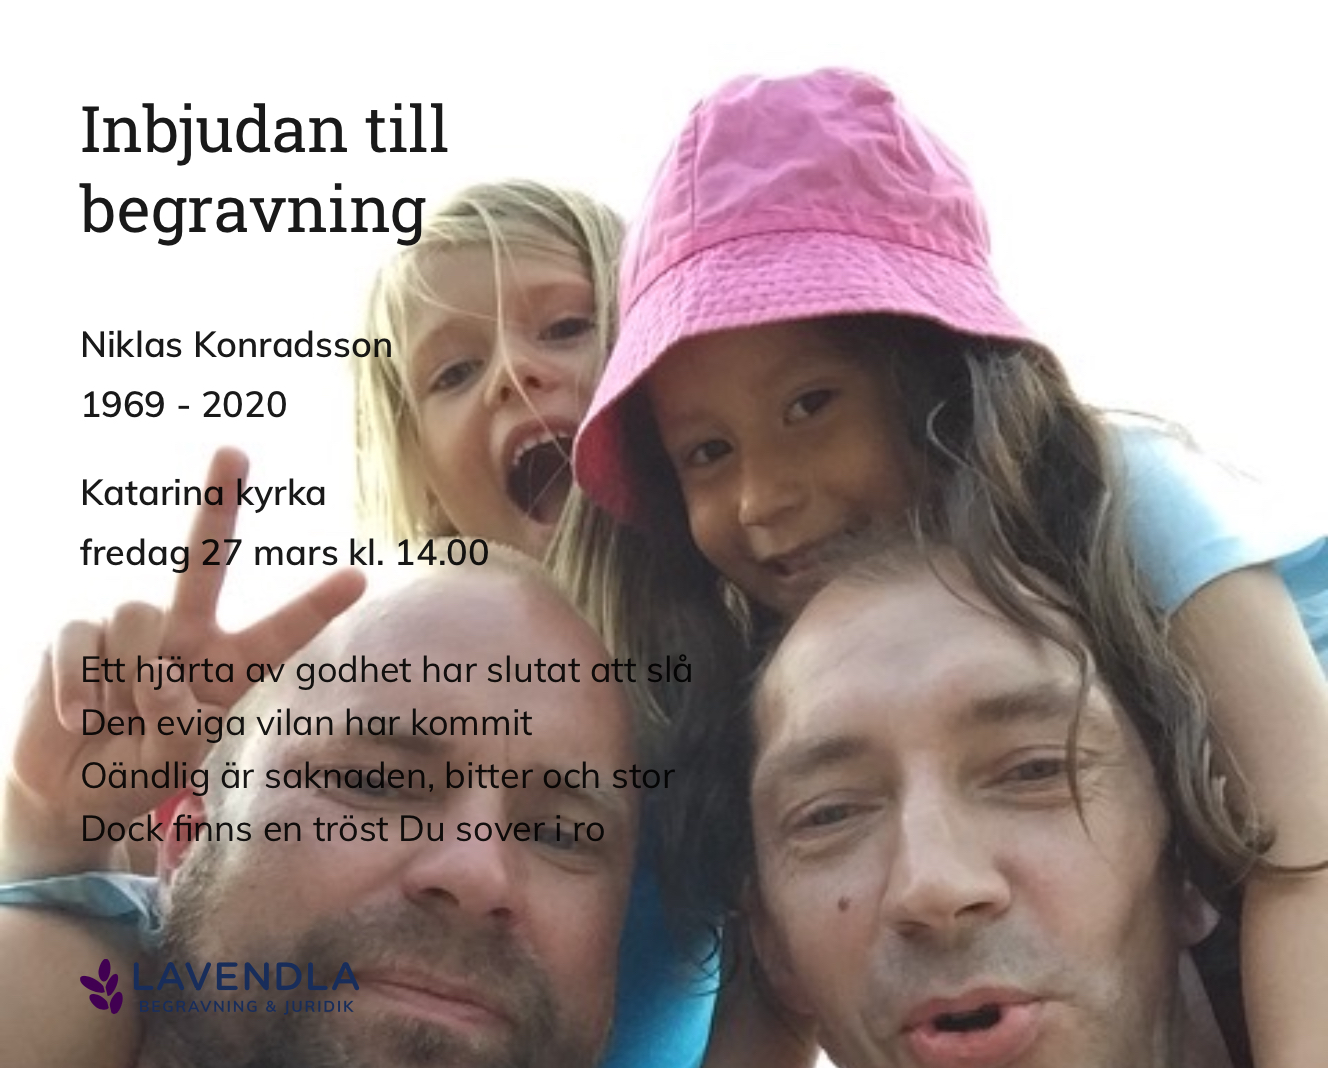 Inbjudningskort till ceremonin för Niklas Konradsson